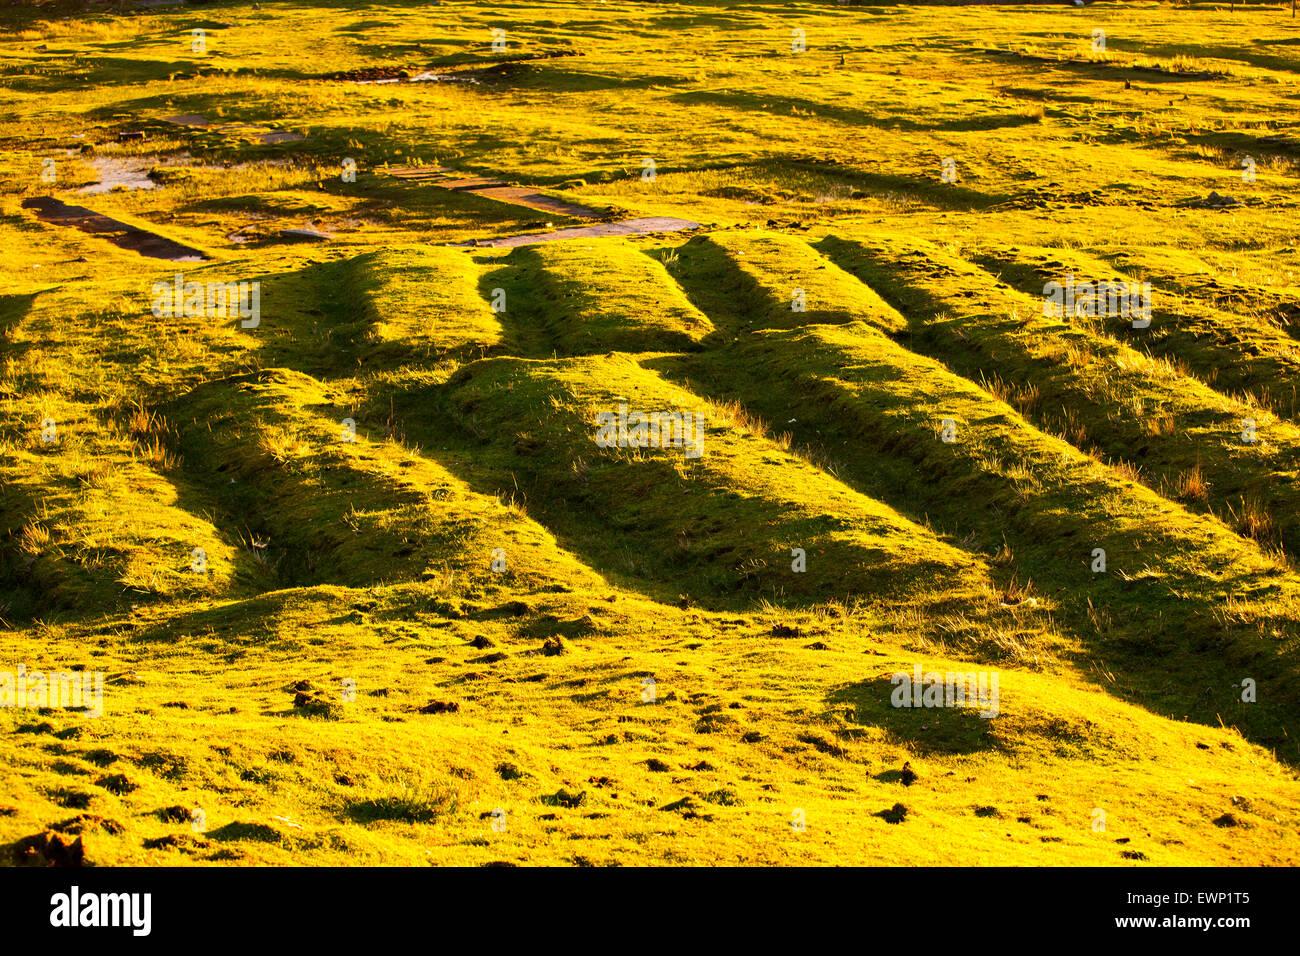 Lits paresseux, vieille crofting structures dans un champ de Leverburgh, Isle of Harris, Hébrides extérieures, Photo Stock